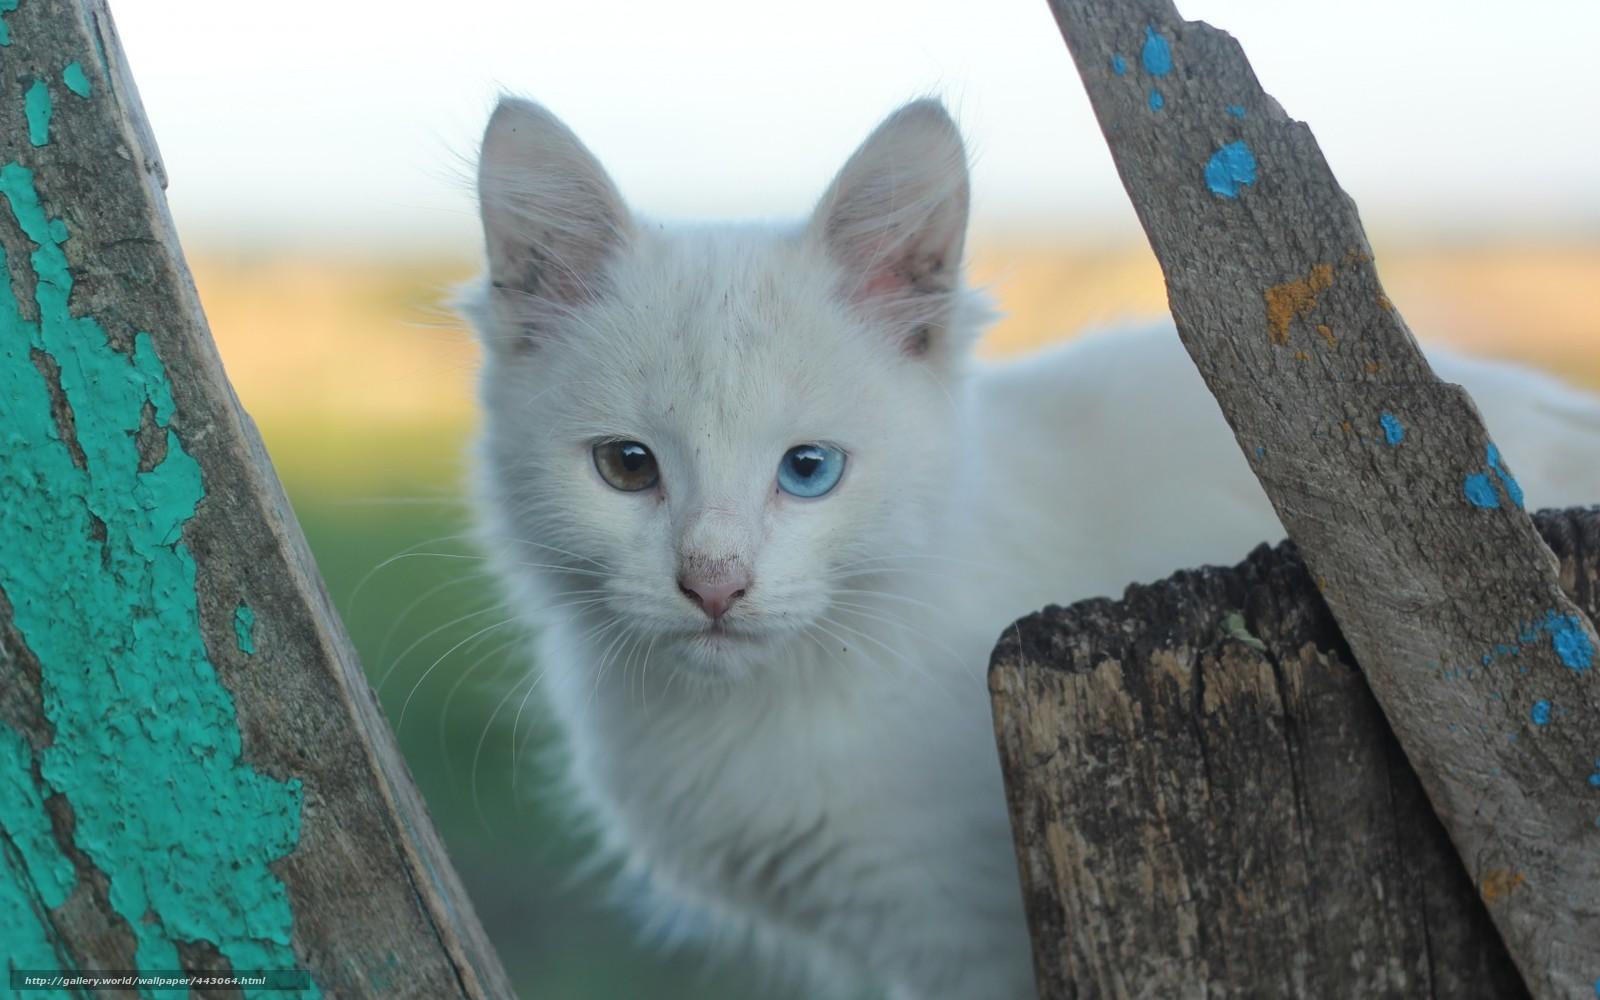 Scaricare gli sfondi eterocromia gatti bianchi colore - Colore degli occhi diversi ...